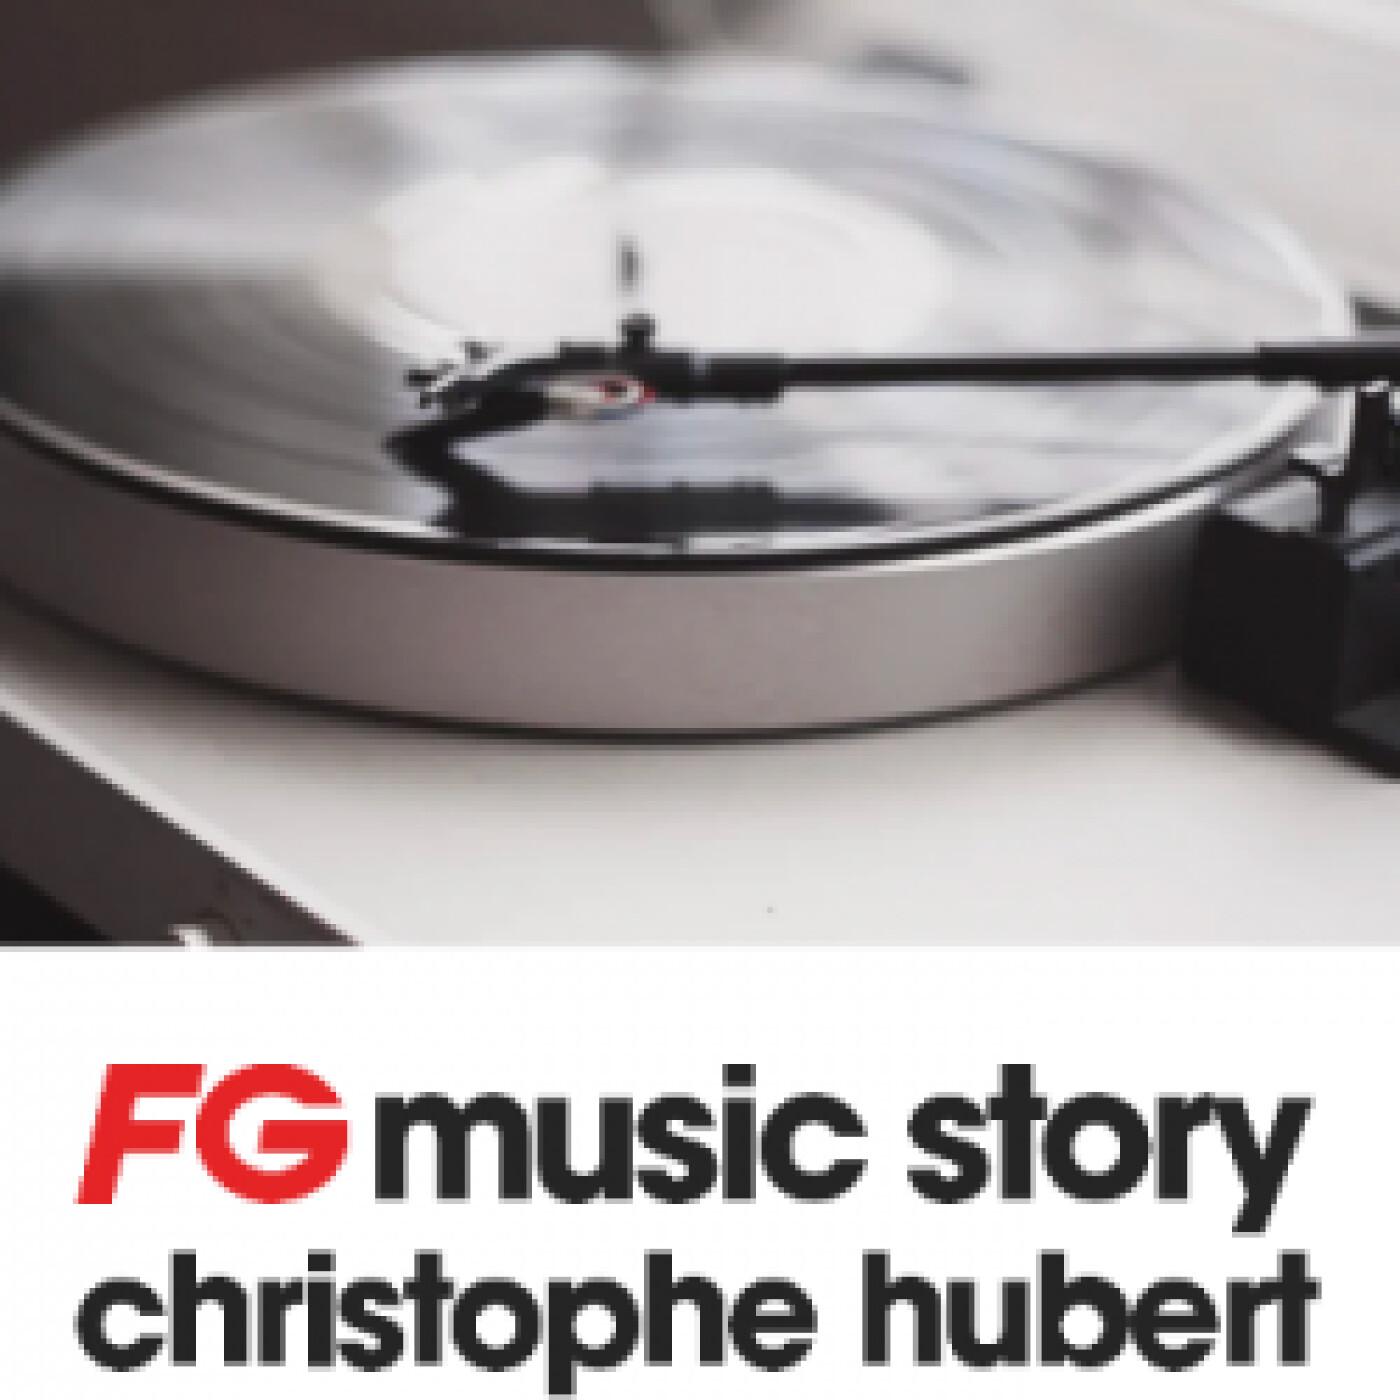 FG MUSIC STORY : KARMA KID